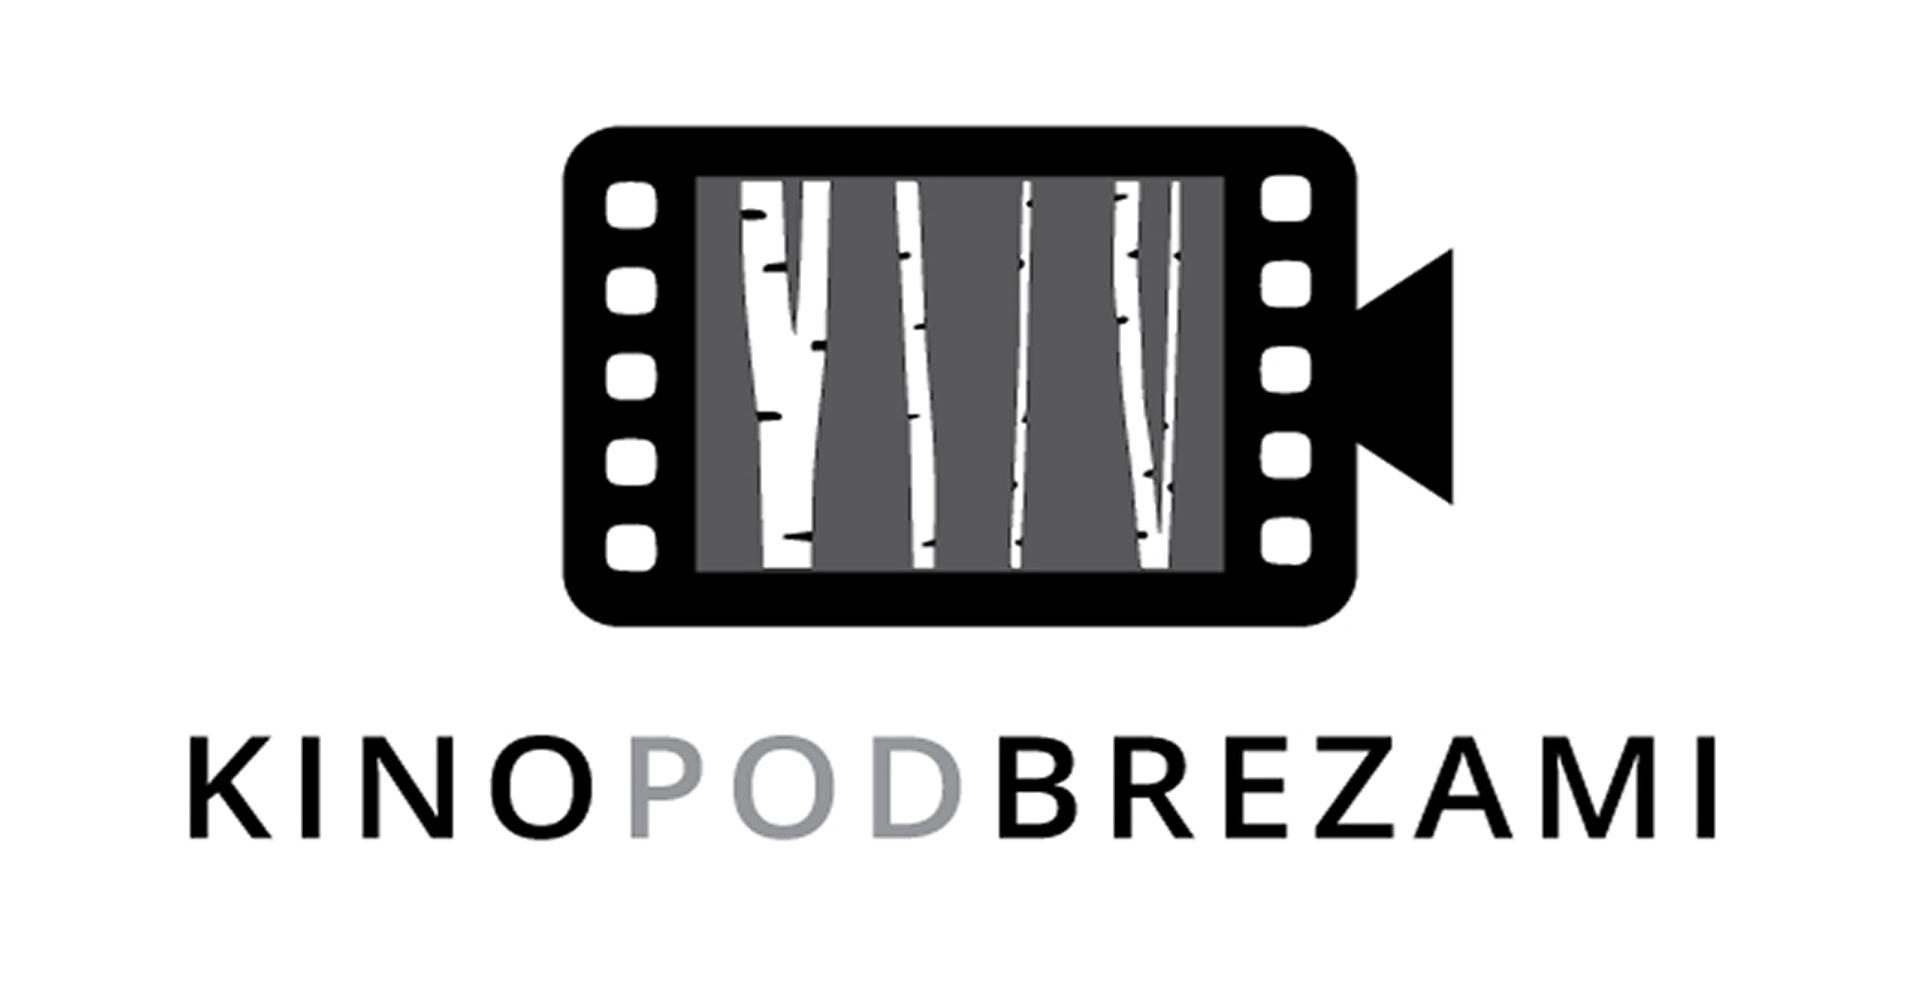 Kino pod brezami: MOJ NAJBOLJŠI PROFIL (drama)